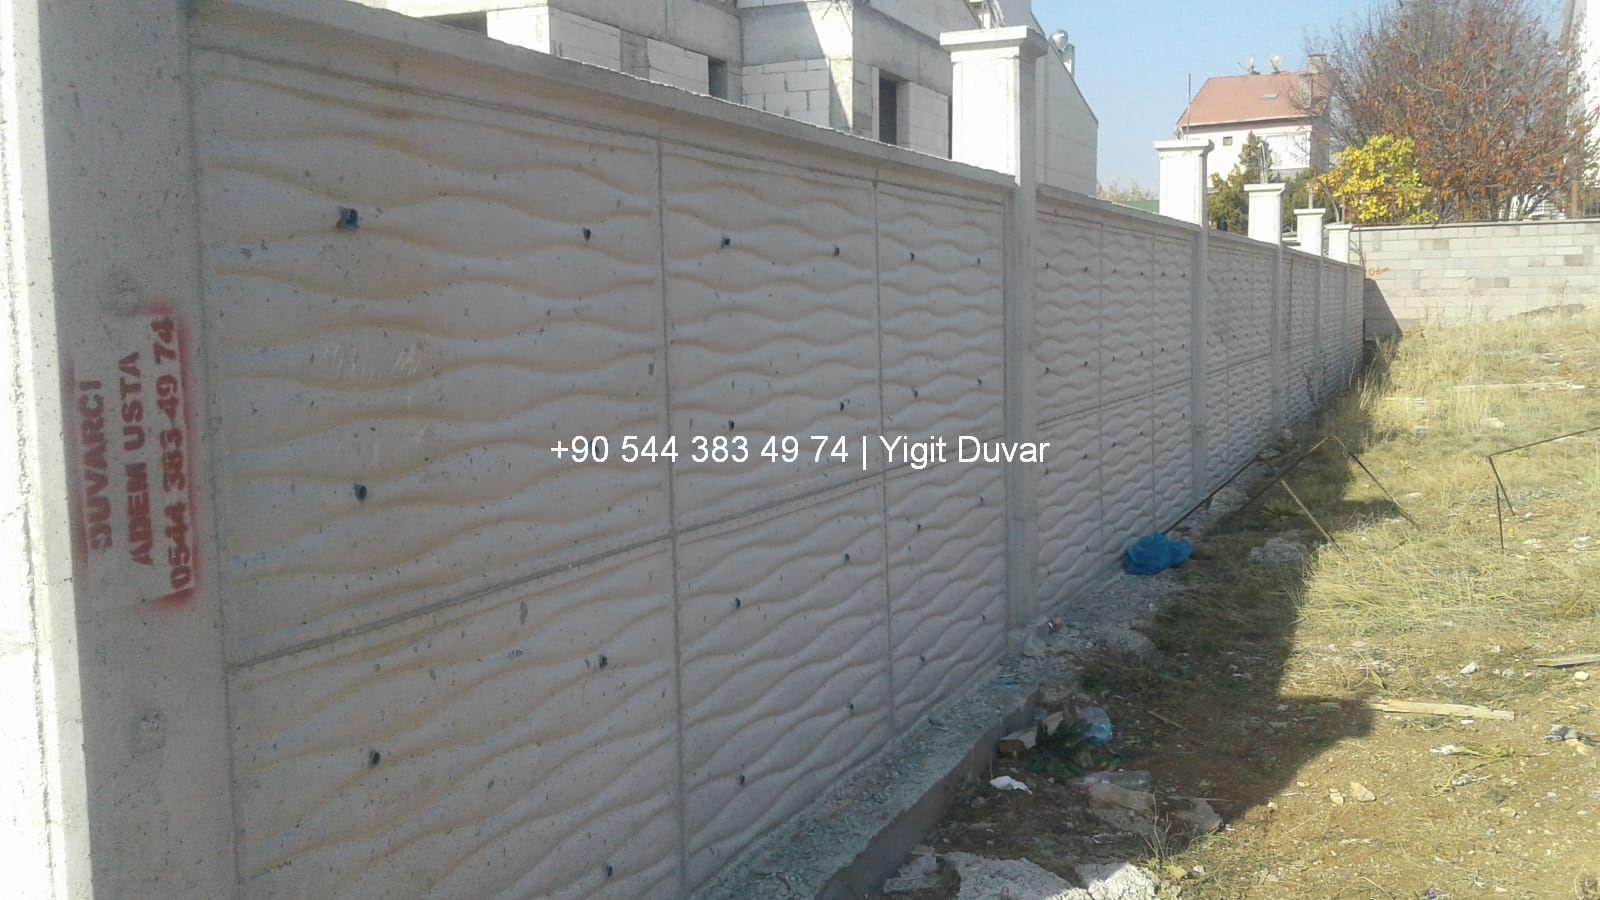 duvar-ustasi-yigit-duvar096